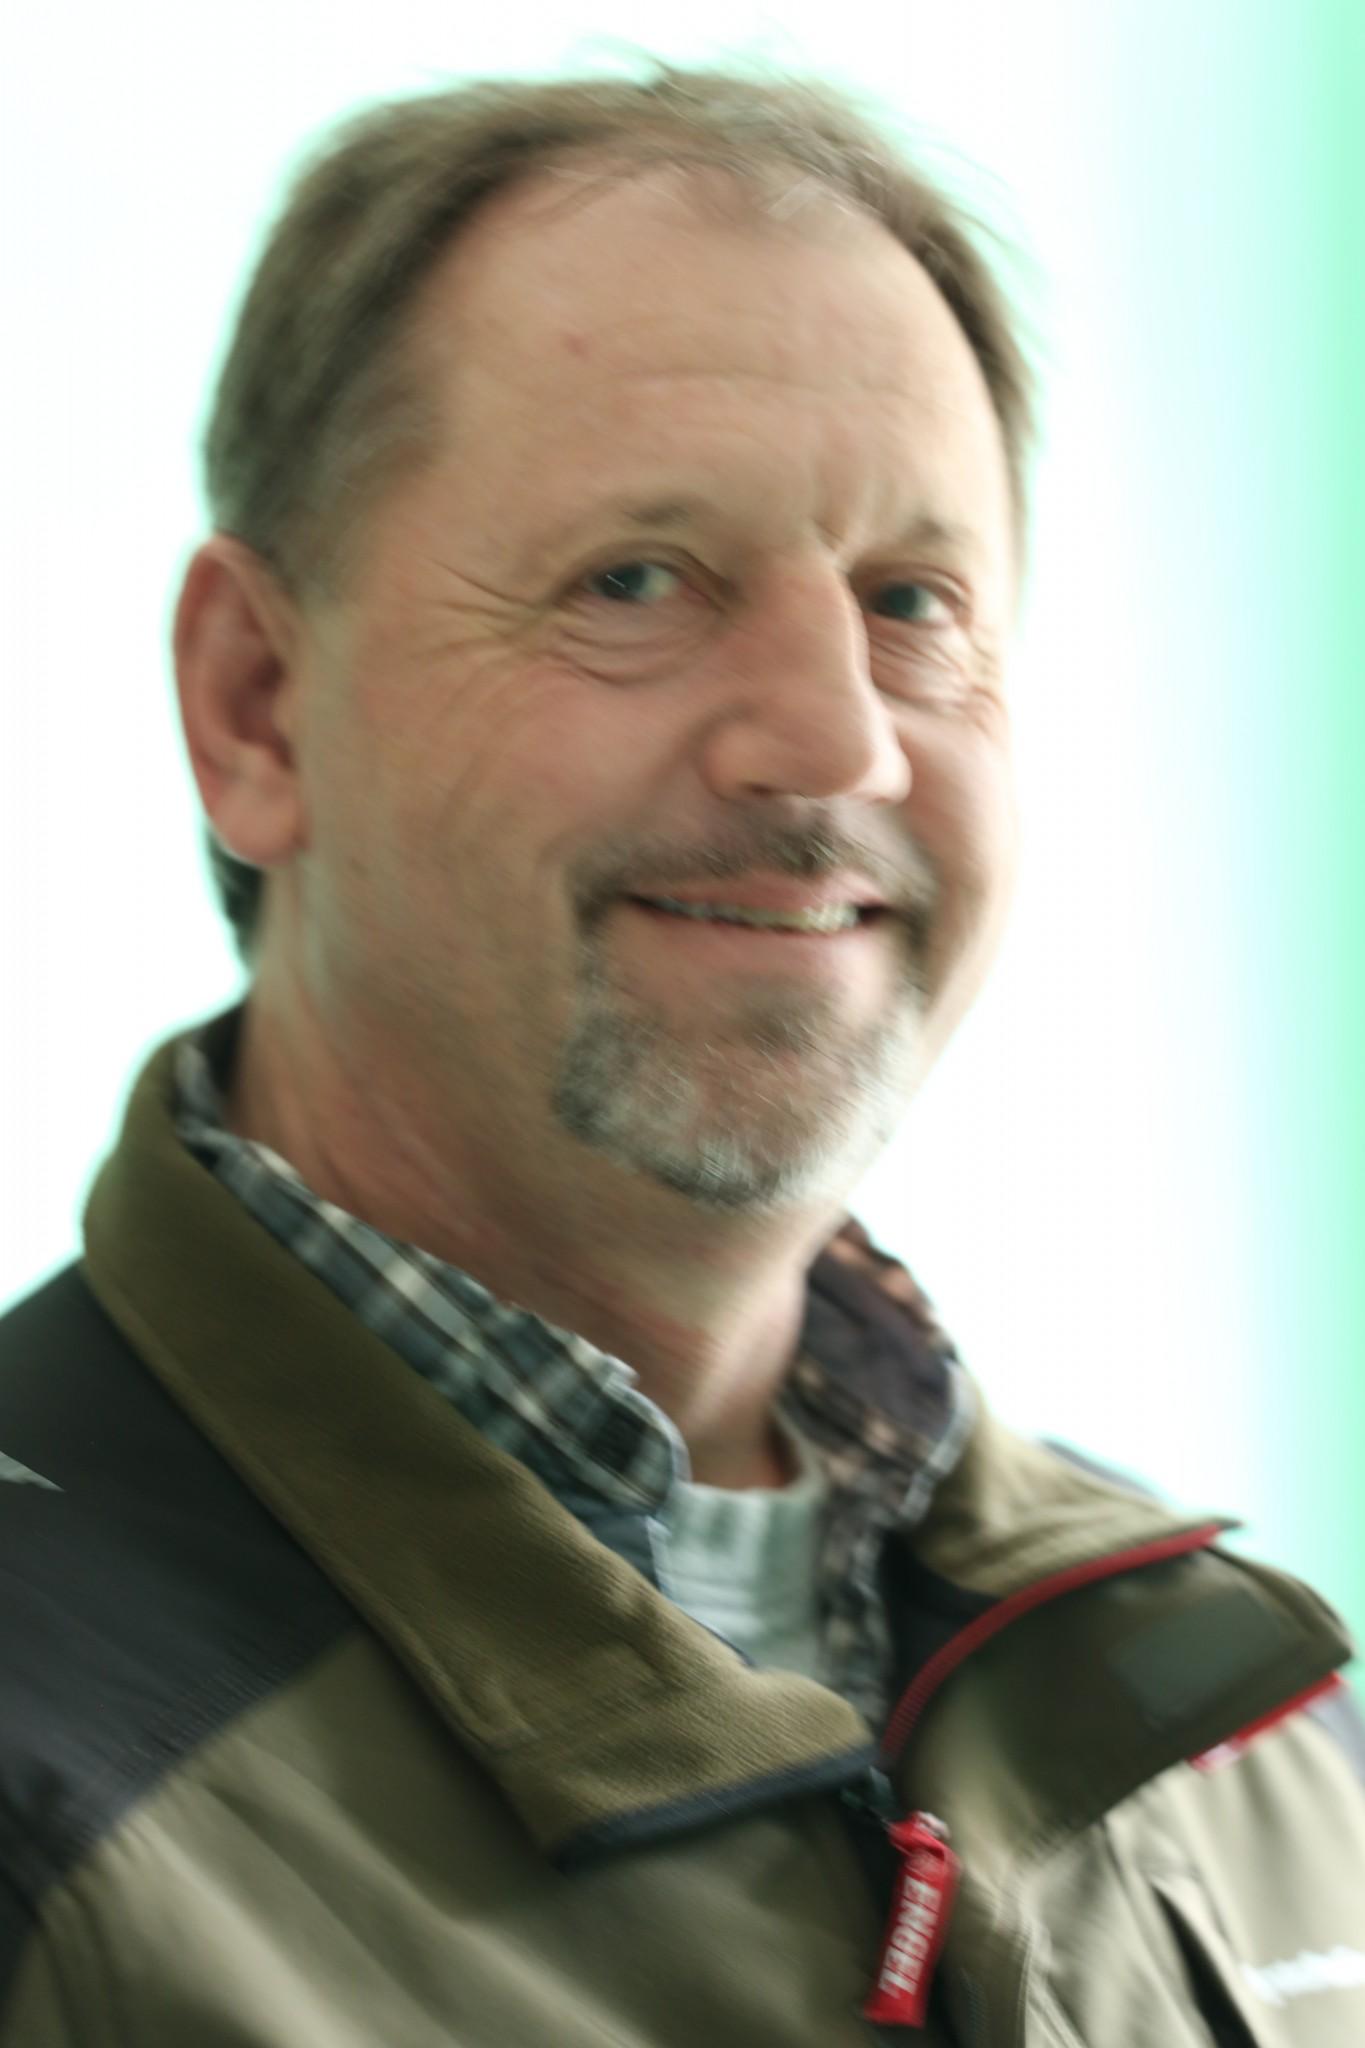 Thomas Trasbjerg